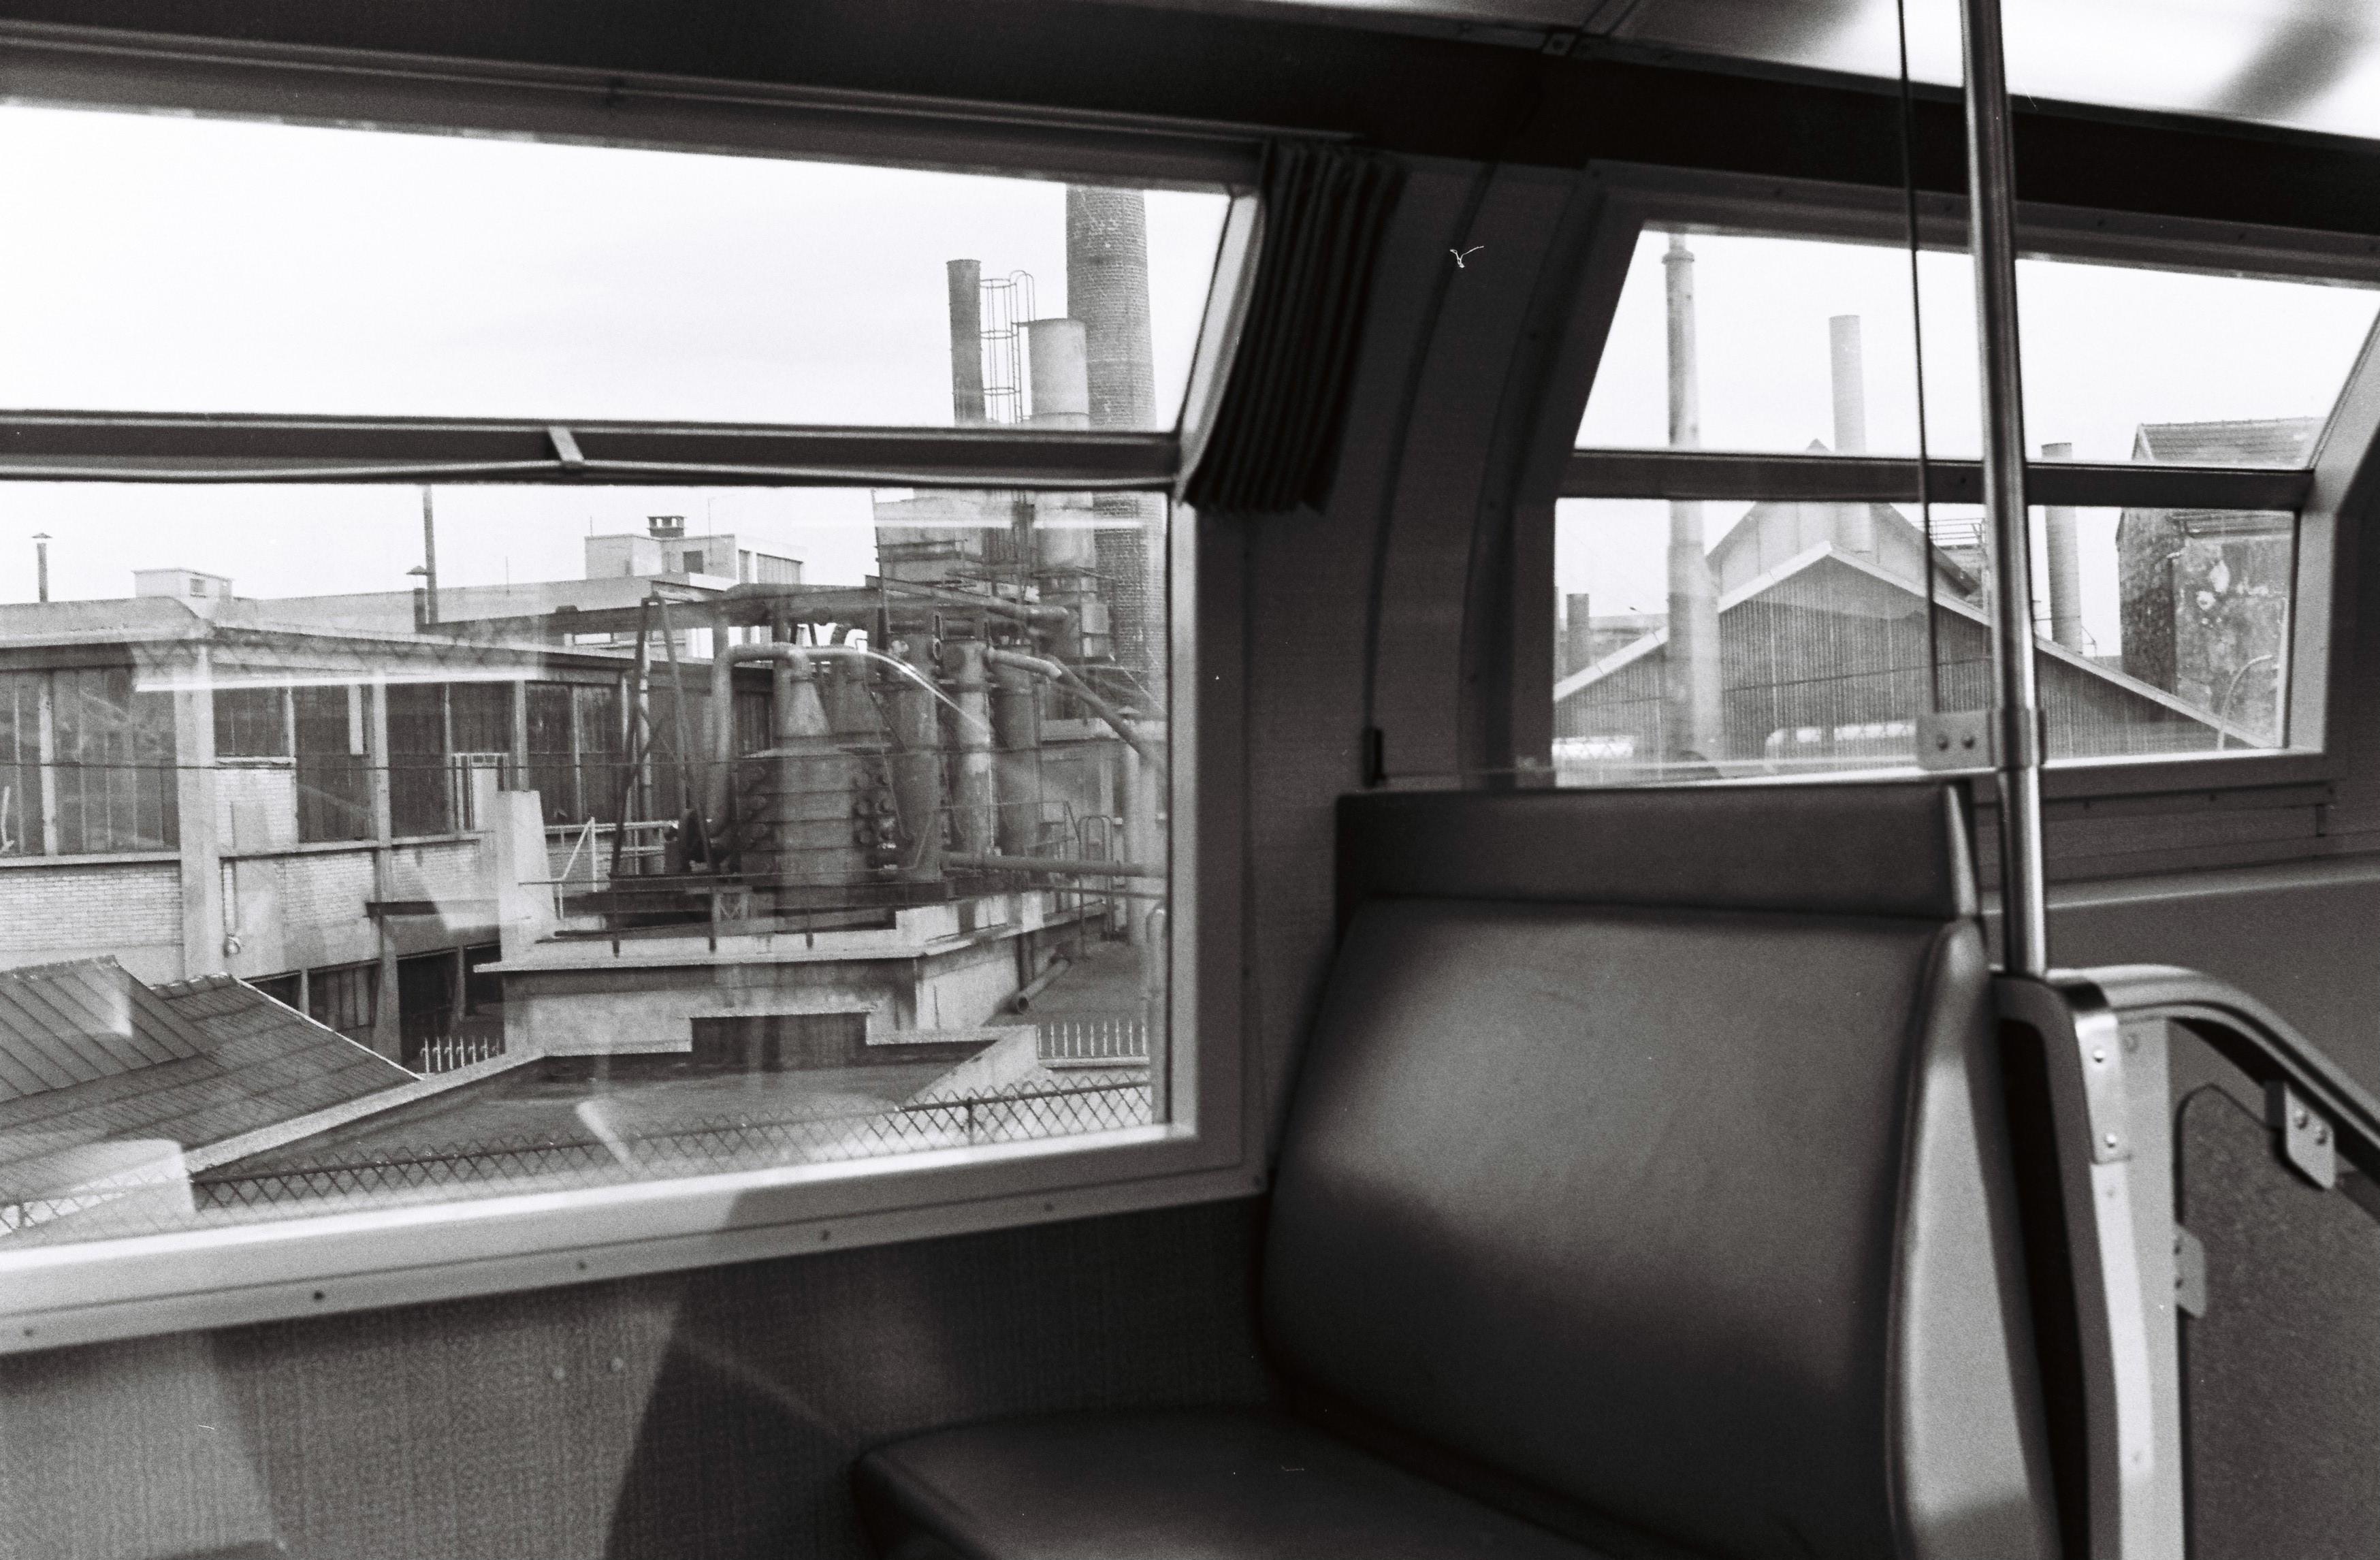 l'usine par la fenêtre du train